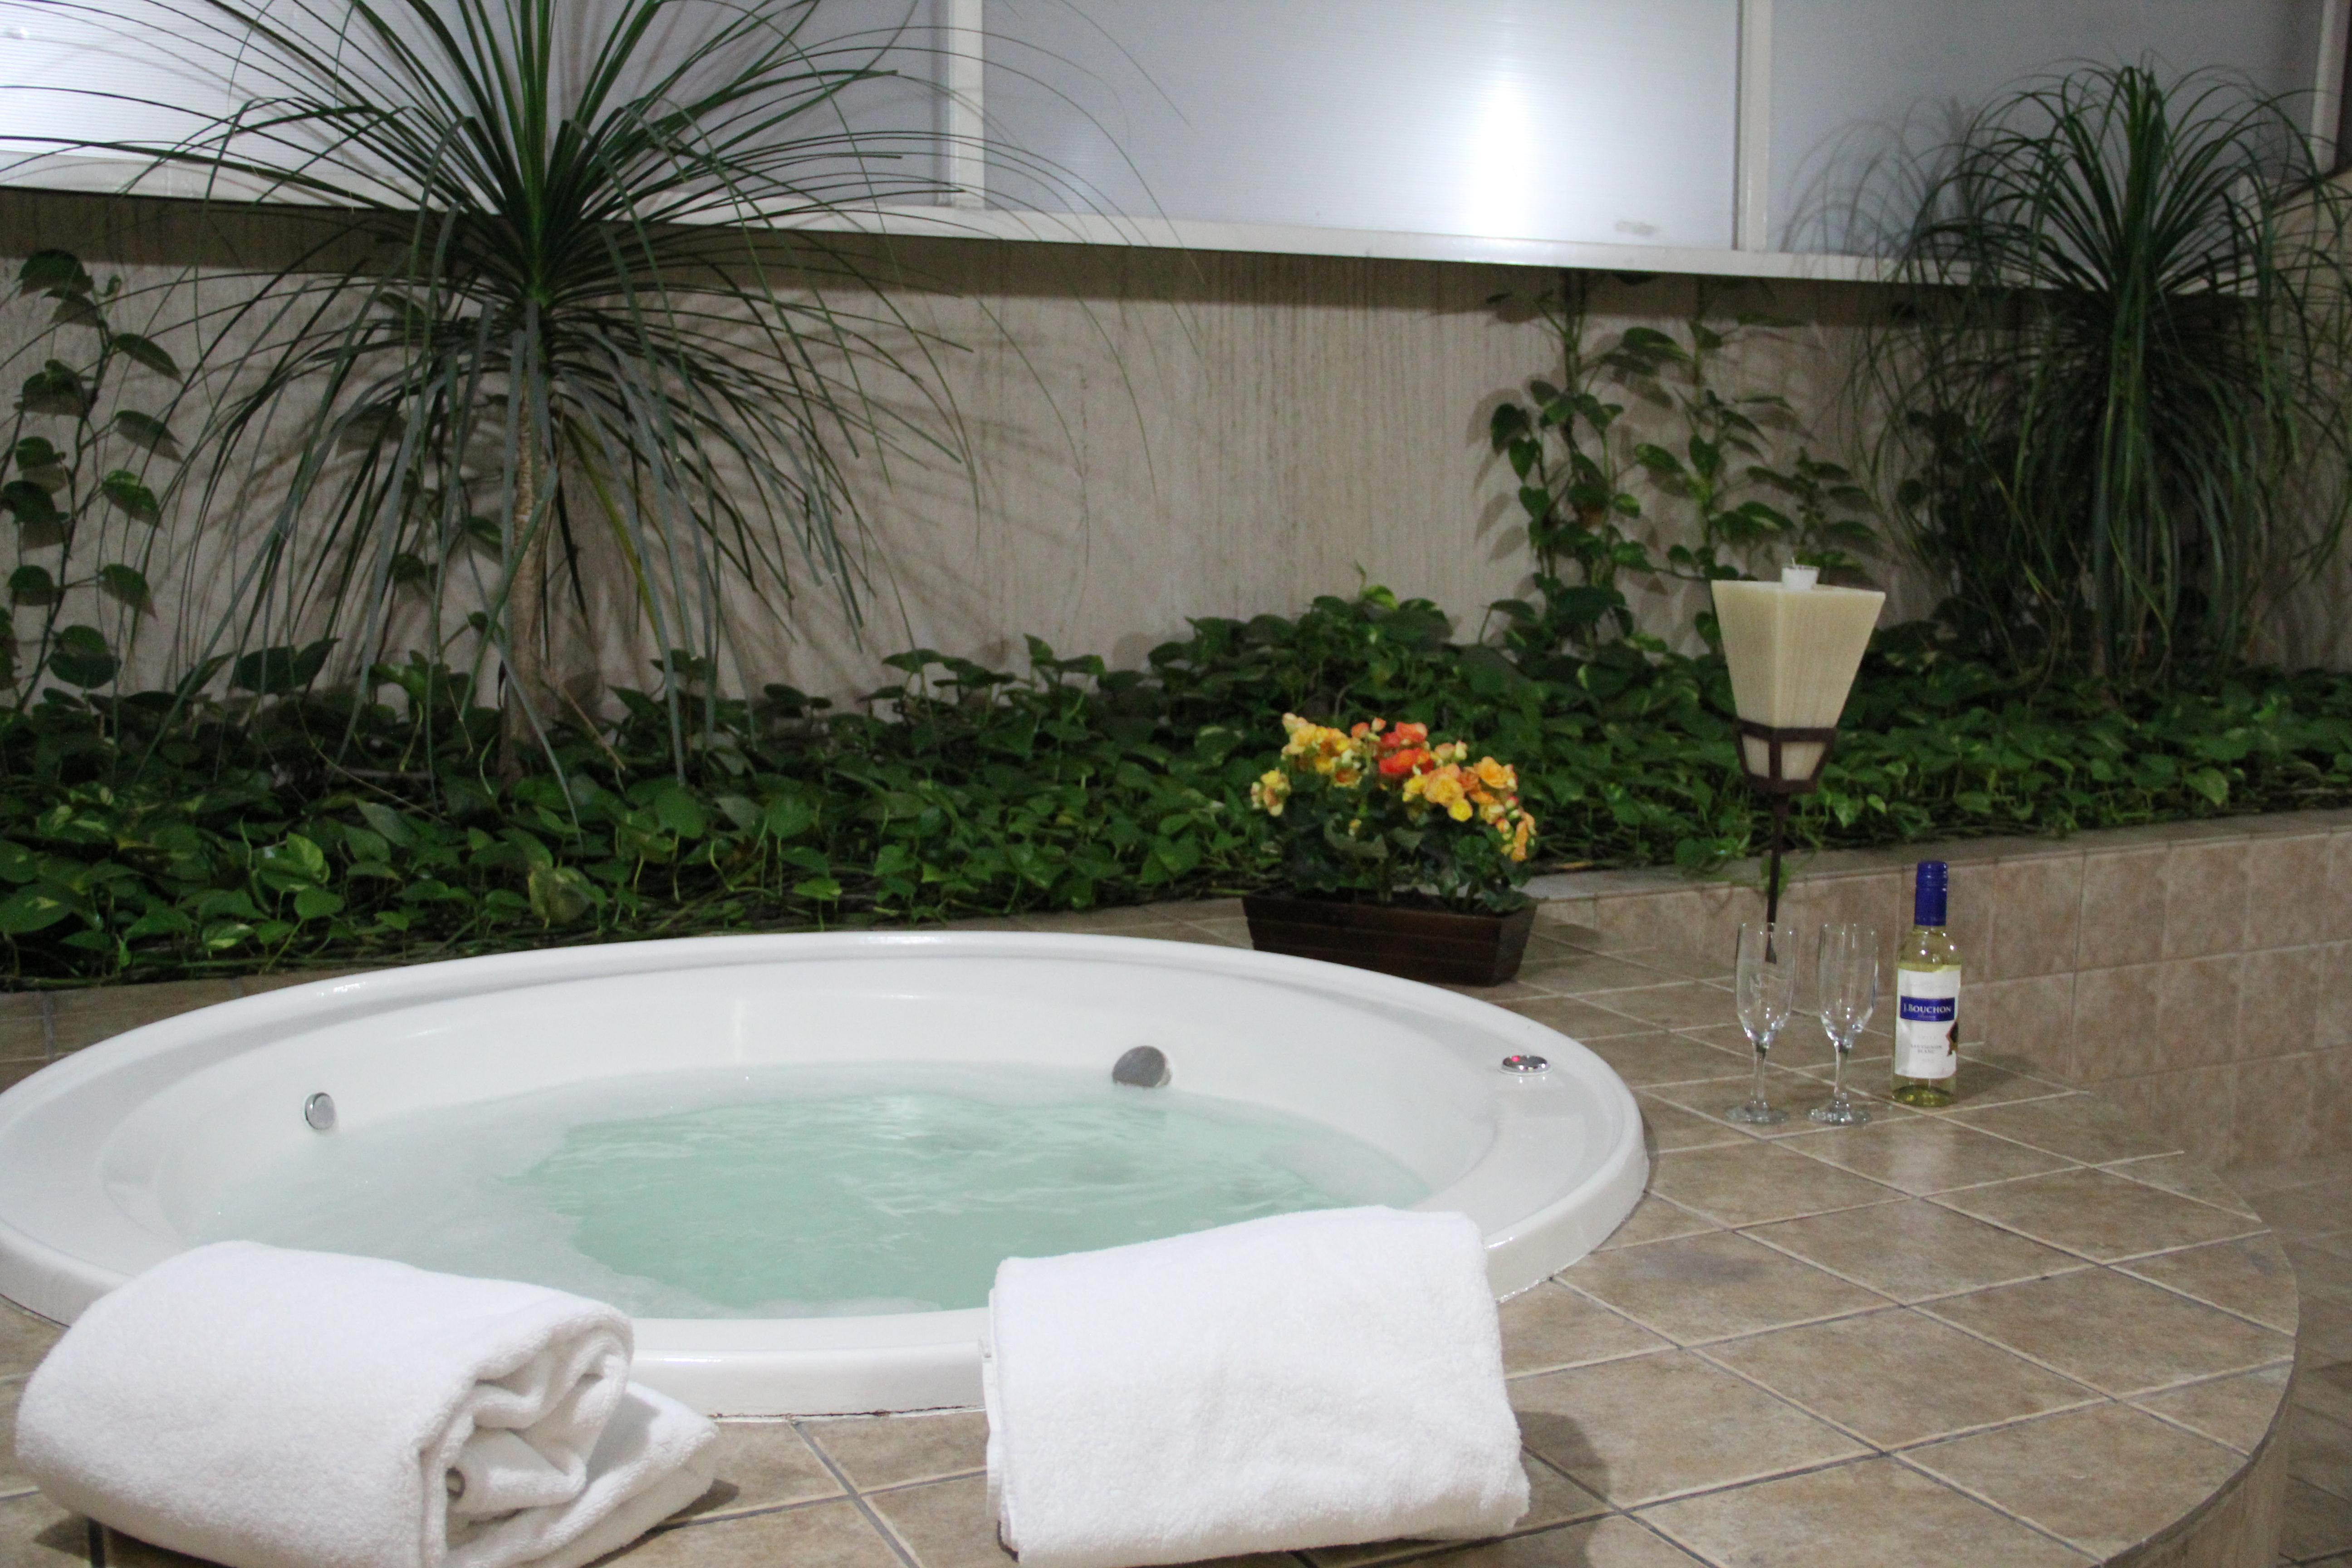 Banheiro Com Banheira E Jardim De Inverno  rinkratmagcom banheiros decorado -> Banheiro Com Banheira E Jardim De Inverno